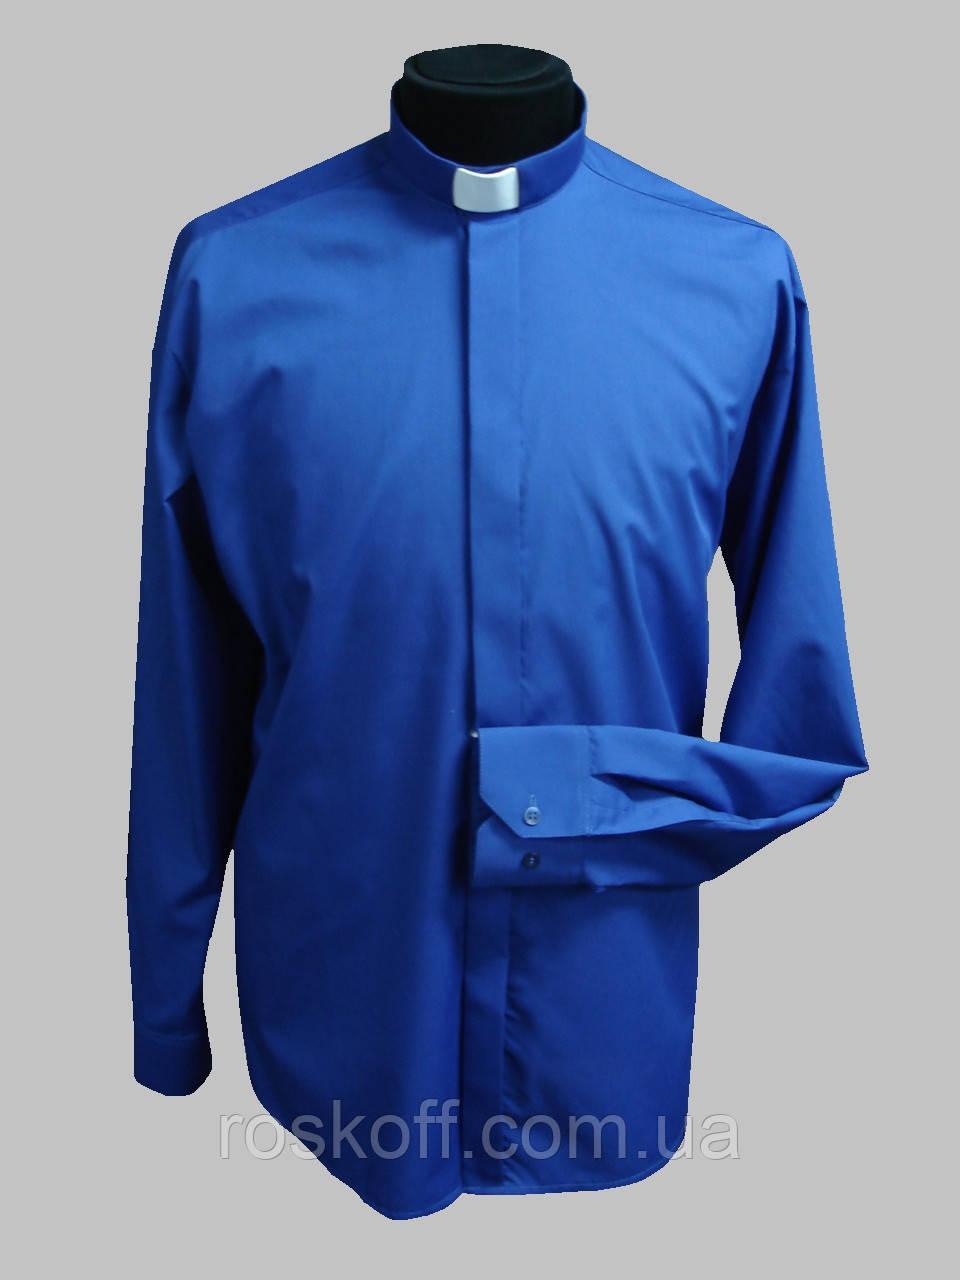 Рубашка для священников  синего цвета с длинным рукавом